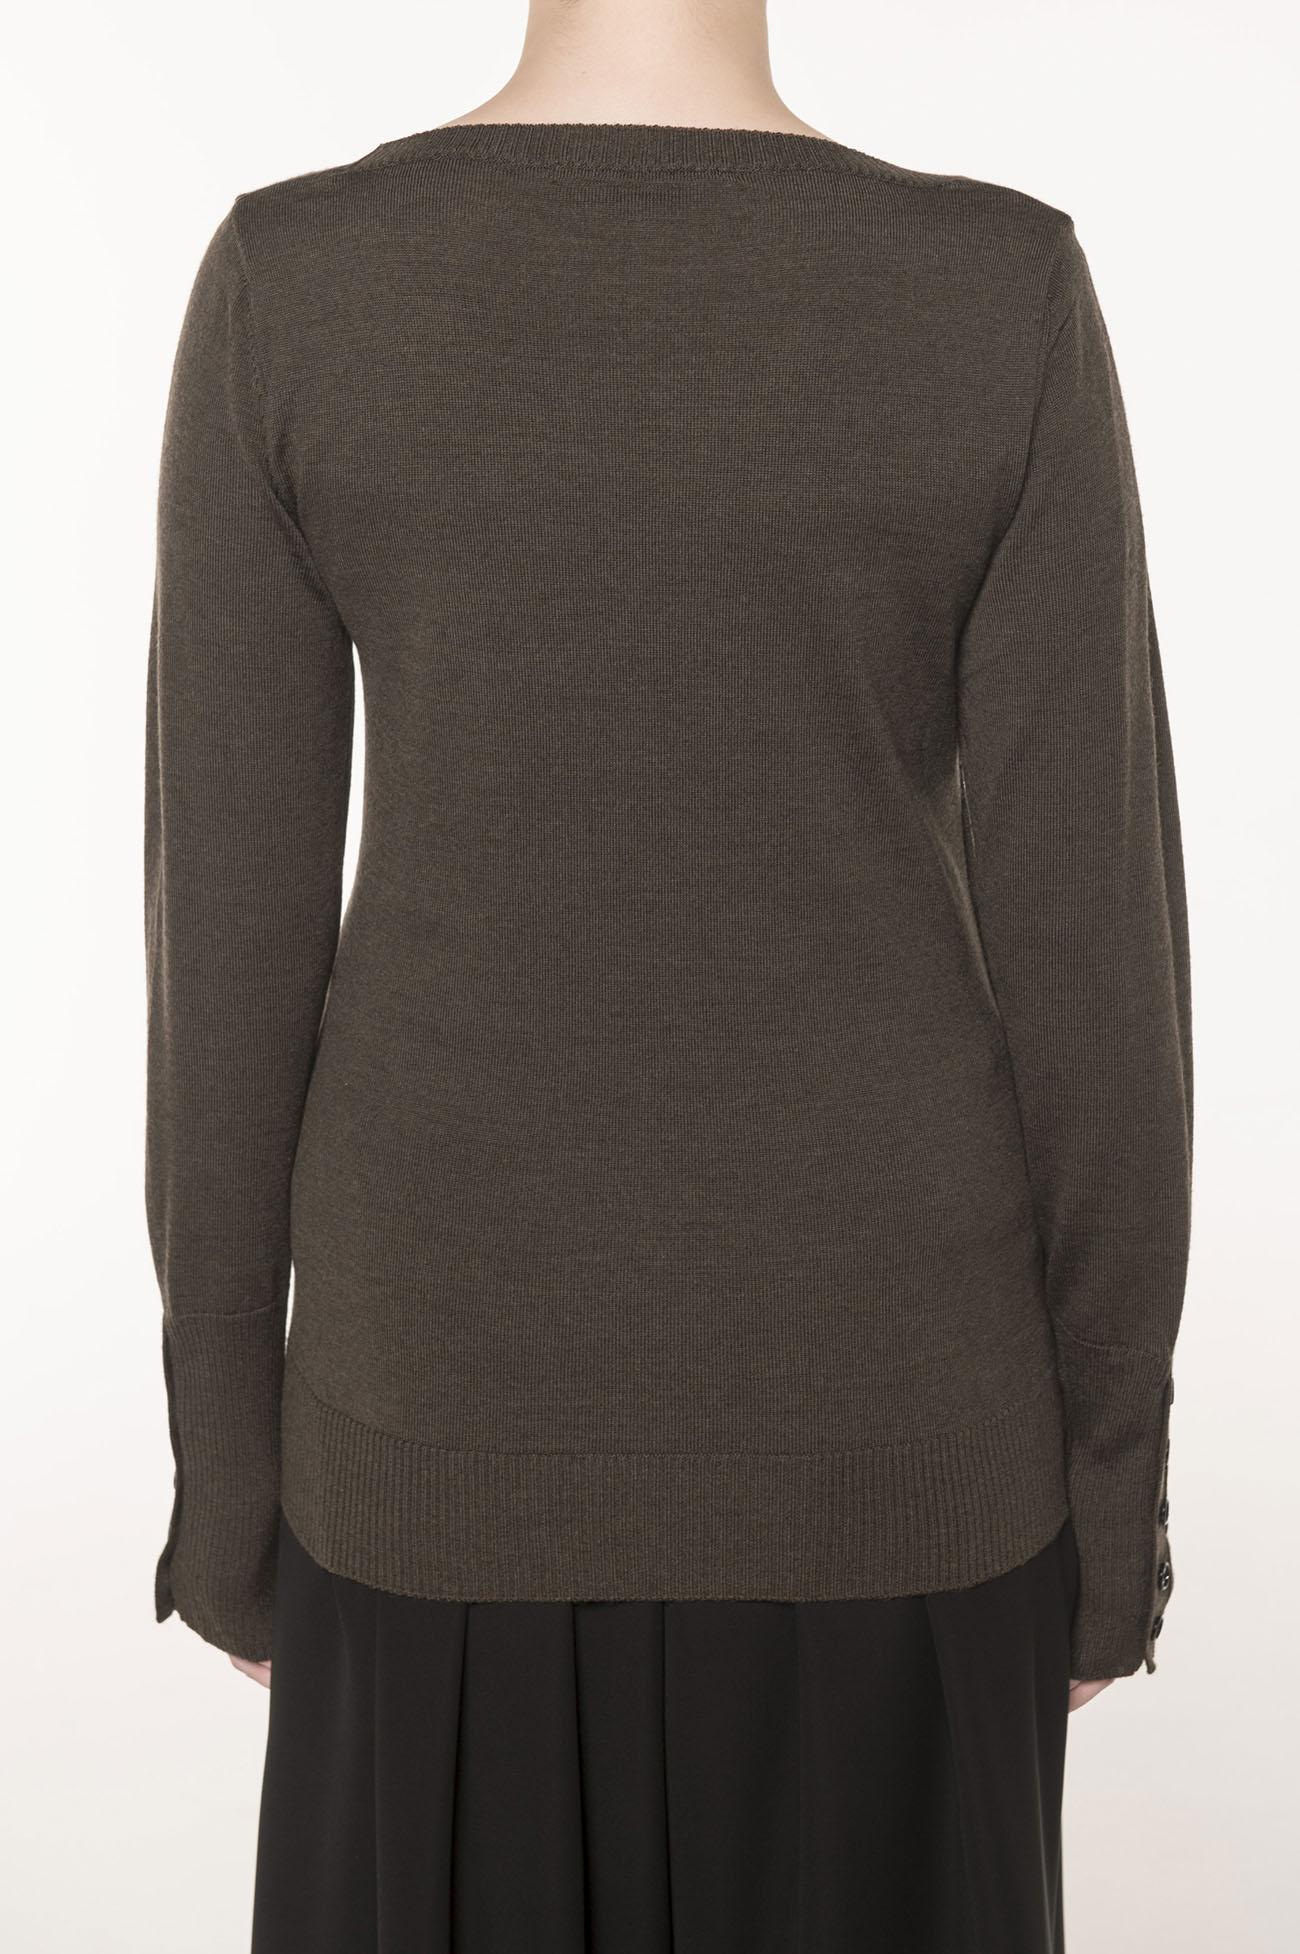 シーズンカラーB釦開きセーター